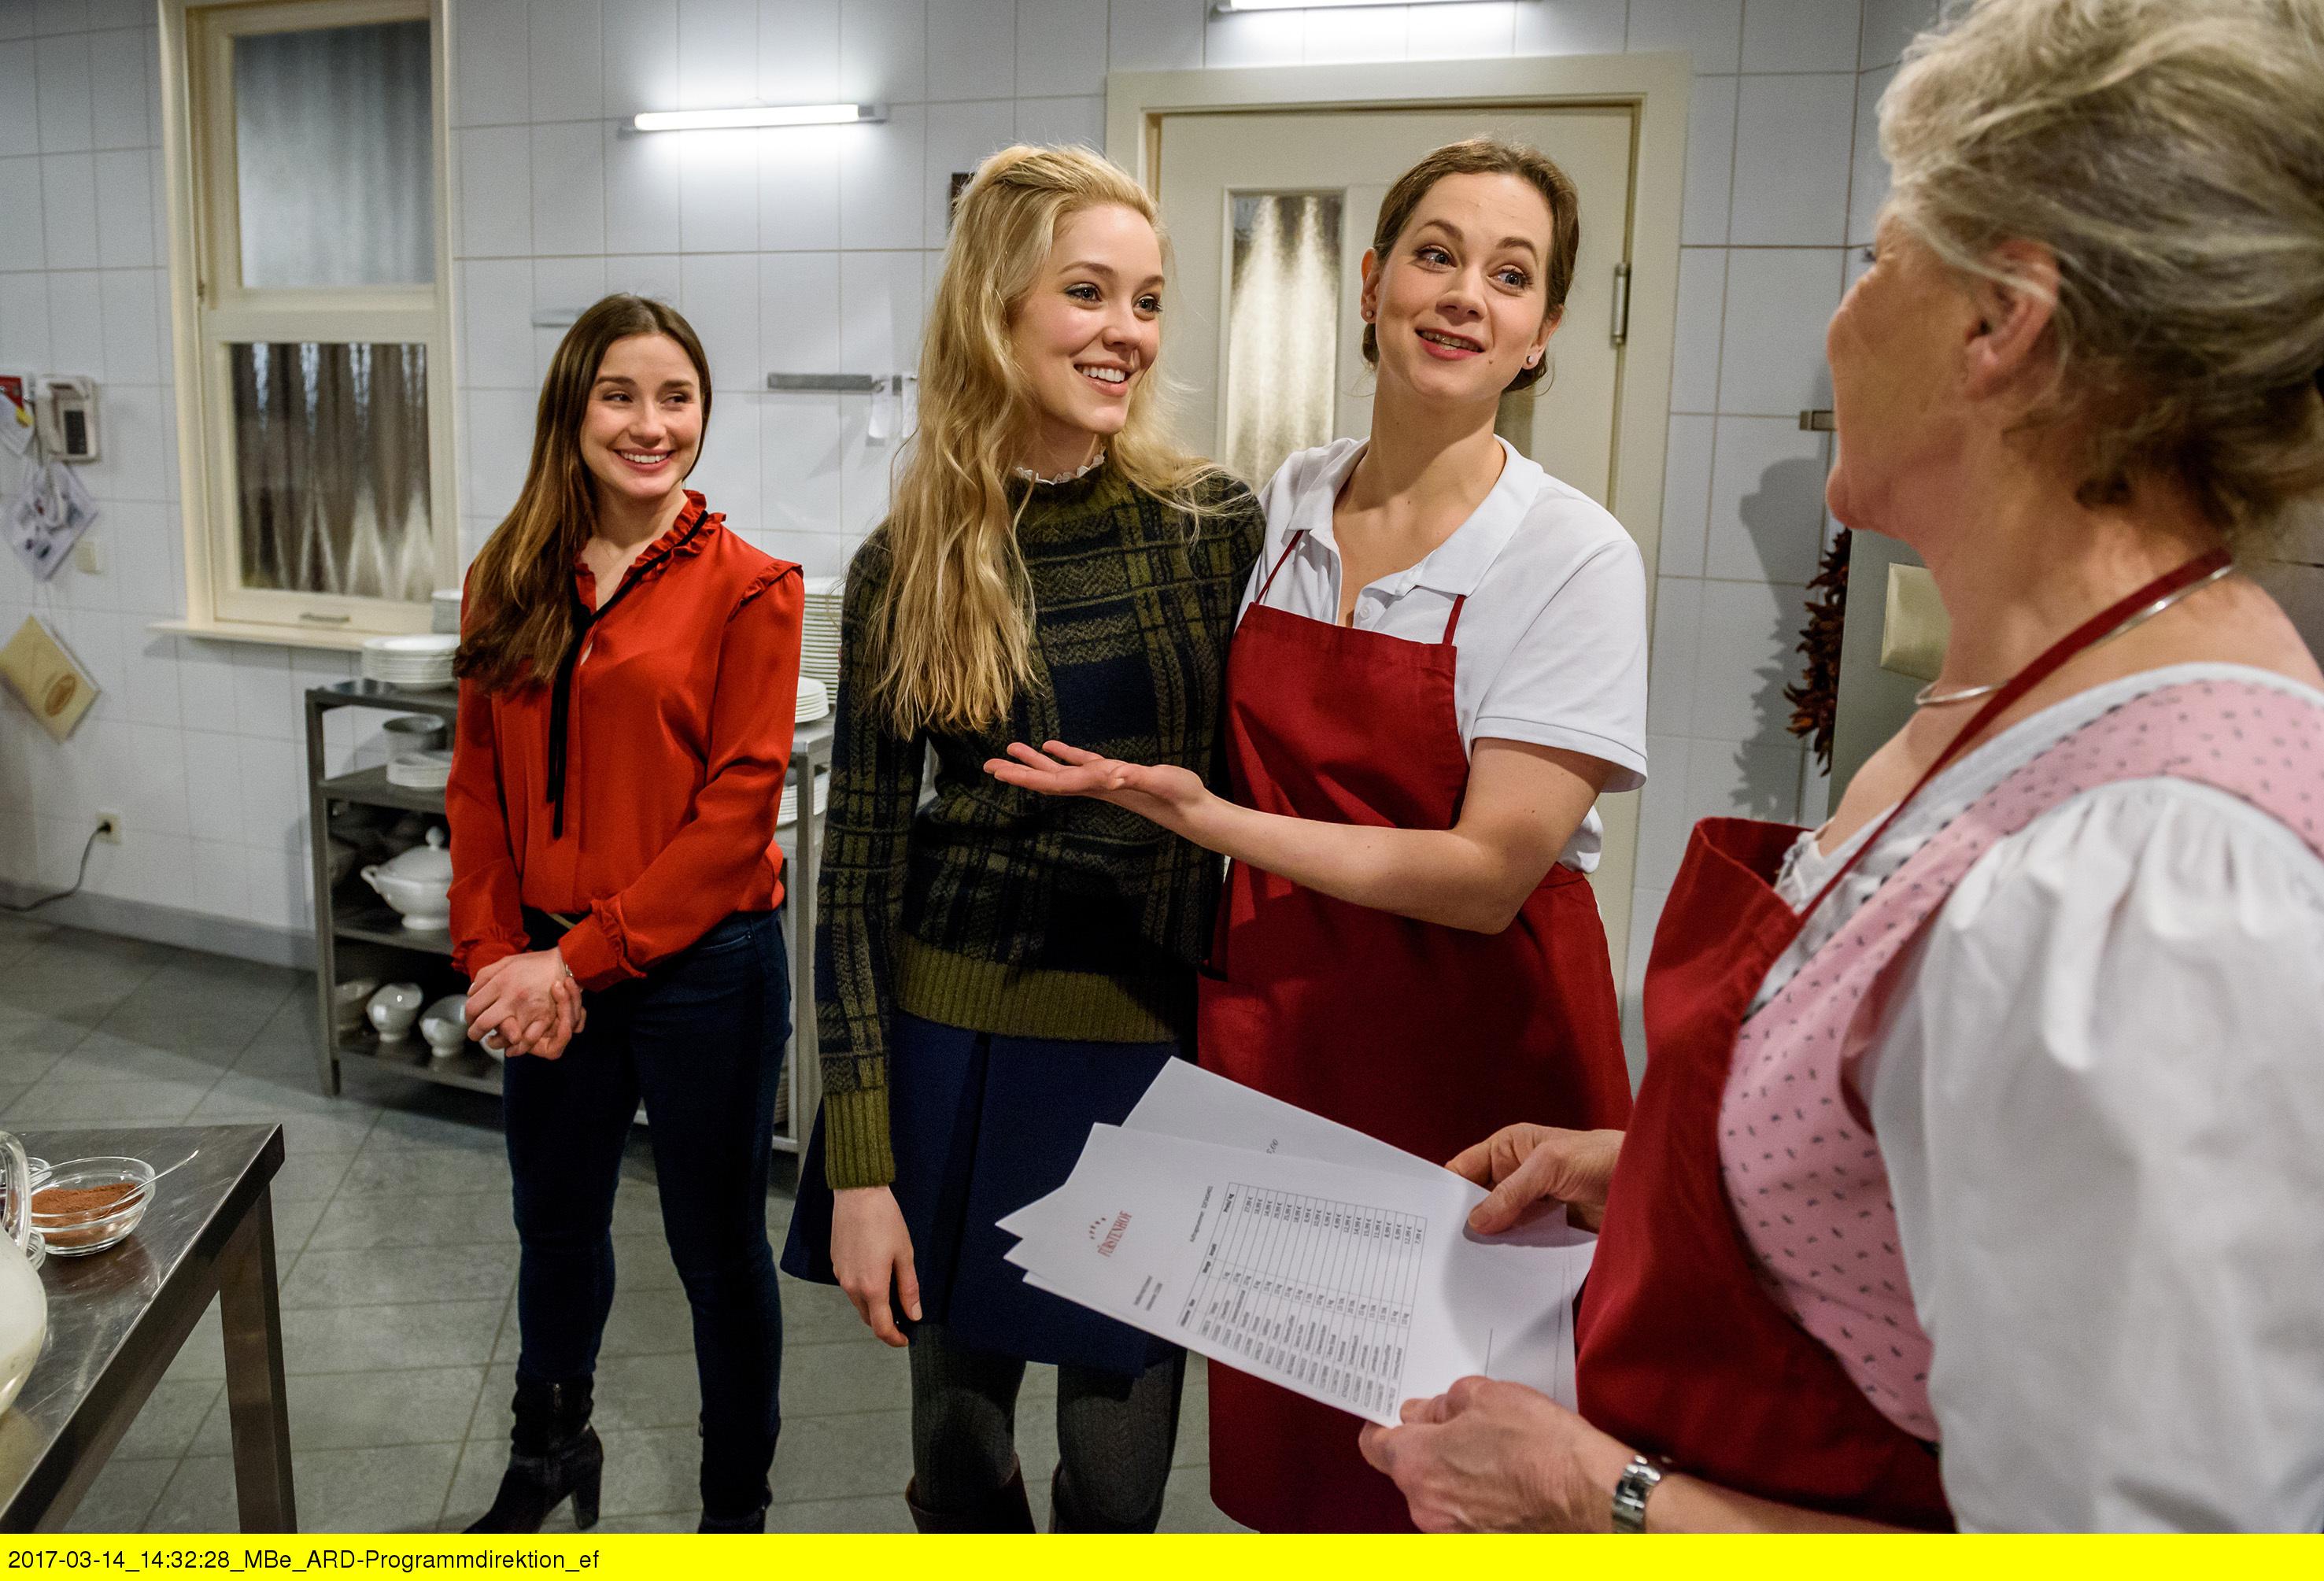 ARD STURM DER LIEBE FOLGE 2677, am Freitag (28.04.17) um 15:10 Uhr im ERSTEN. Clara (Jeannine Wacker, l.) platzt mit Ella (Victoria Reich, 2.v.l.) in die Küche und überascht Tina (Christin Balogh, 3.v.l.), die sich gerade mit Hildegard (Antje Hagen, r.) unterhält. (Quelle: ARD/Christof Anrold)